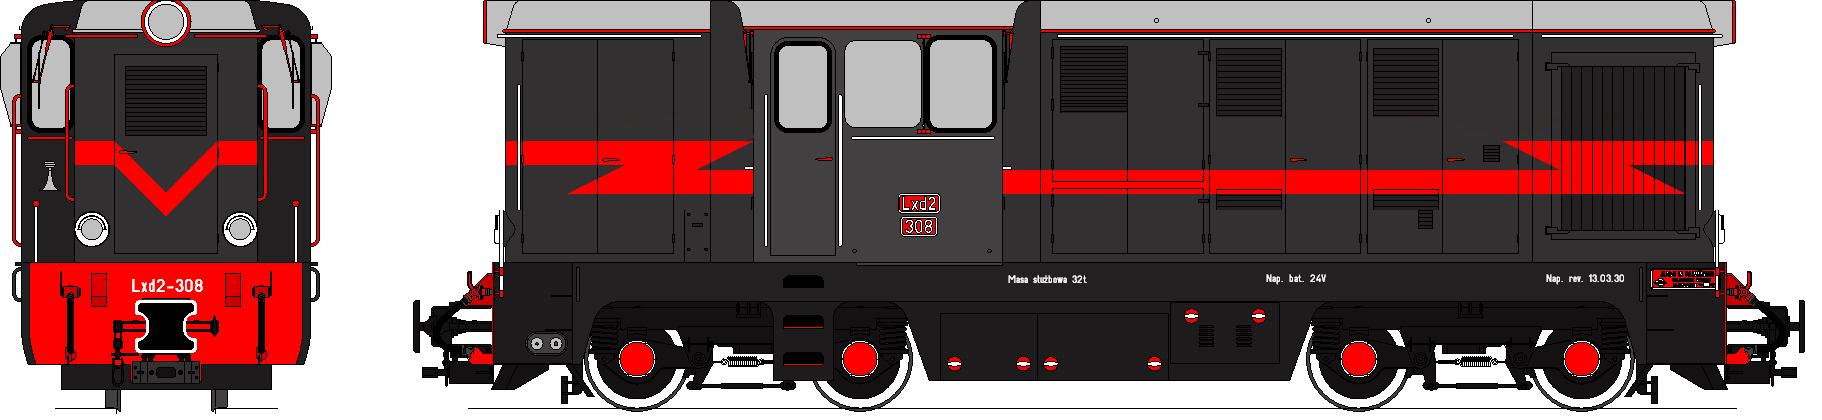 lxd2 plan 3